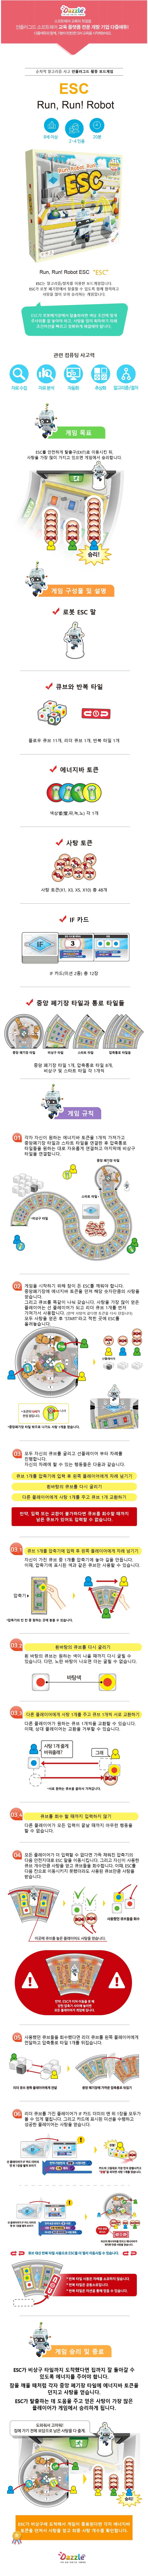 ESC/코딩 보드게임 - 피에스컴퍼니, 33,000원, 보드게임, 두뇌 게임